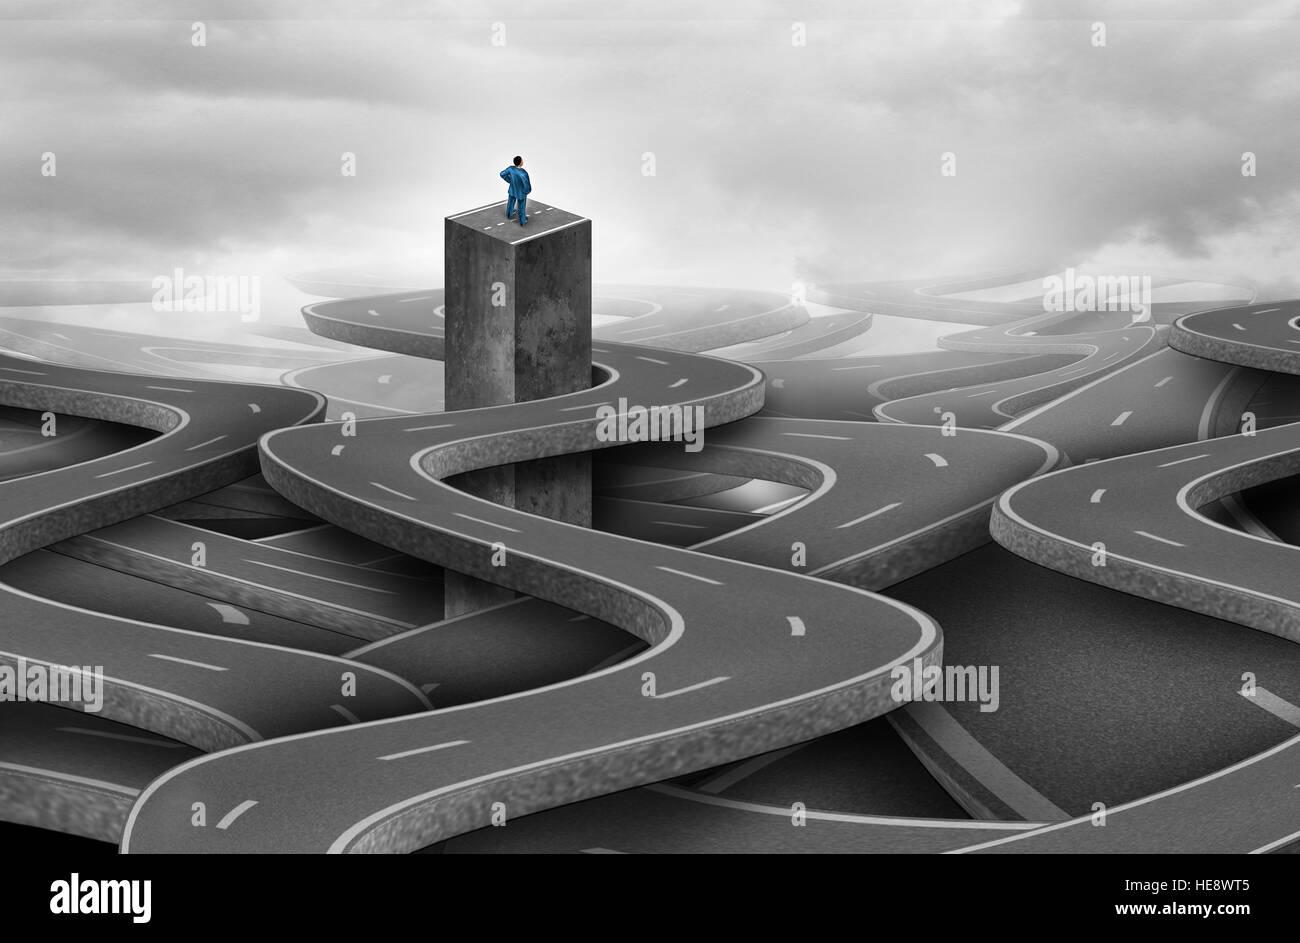 Abhanden gekommen als einsamer Geschäftsmann oder Privatperson verwechselt und als Metapher für die aus Stockbild